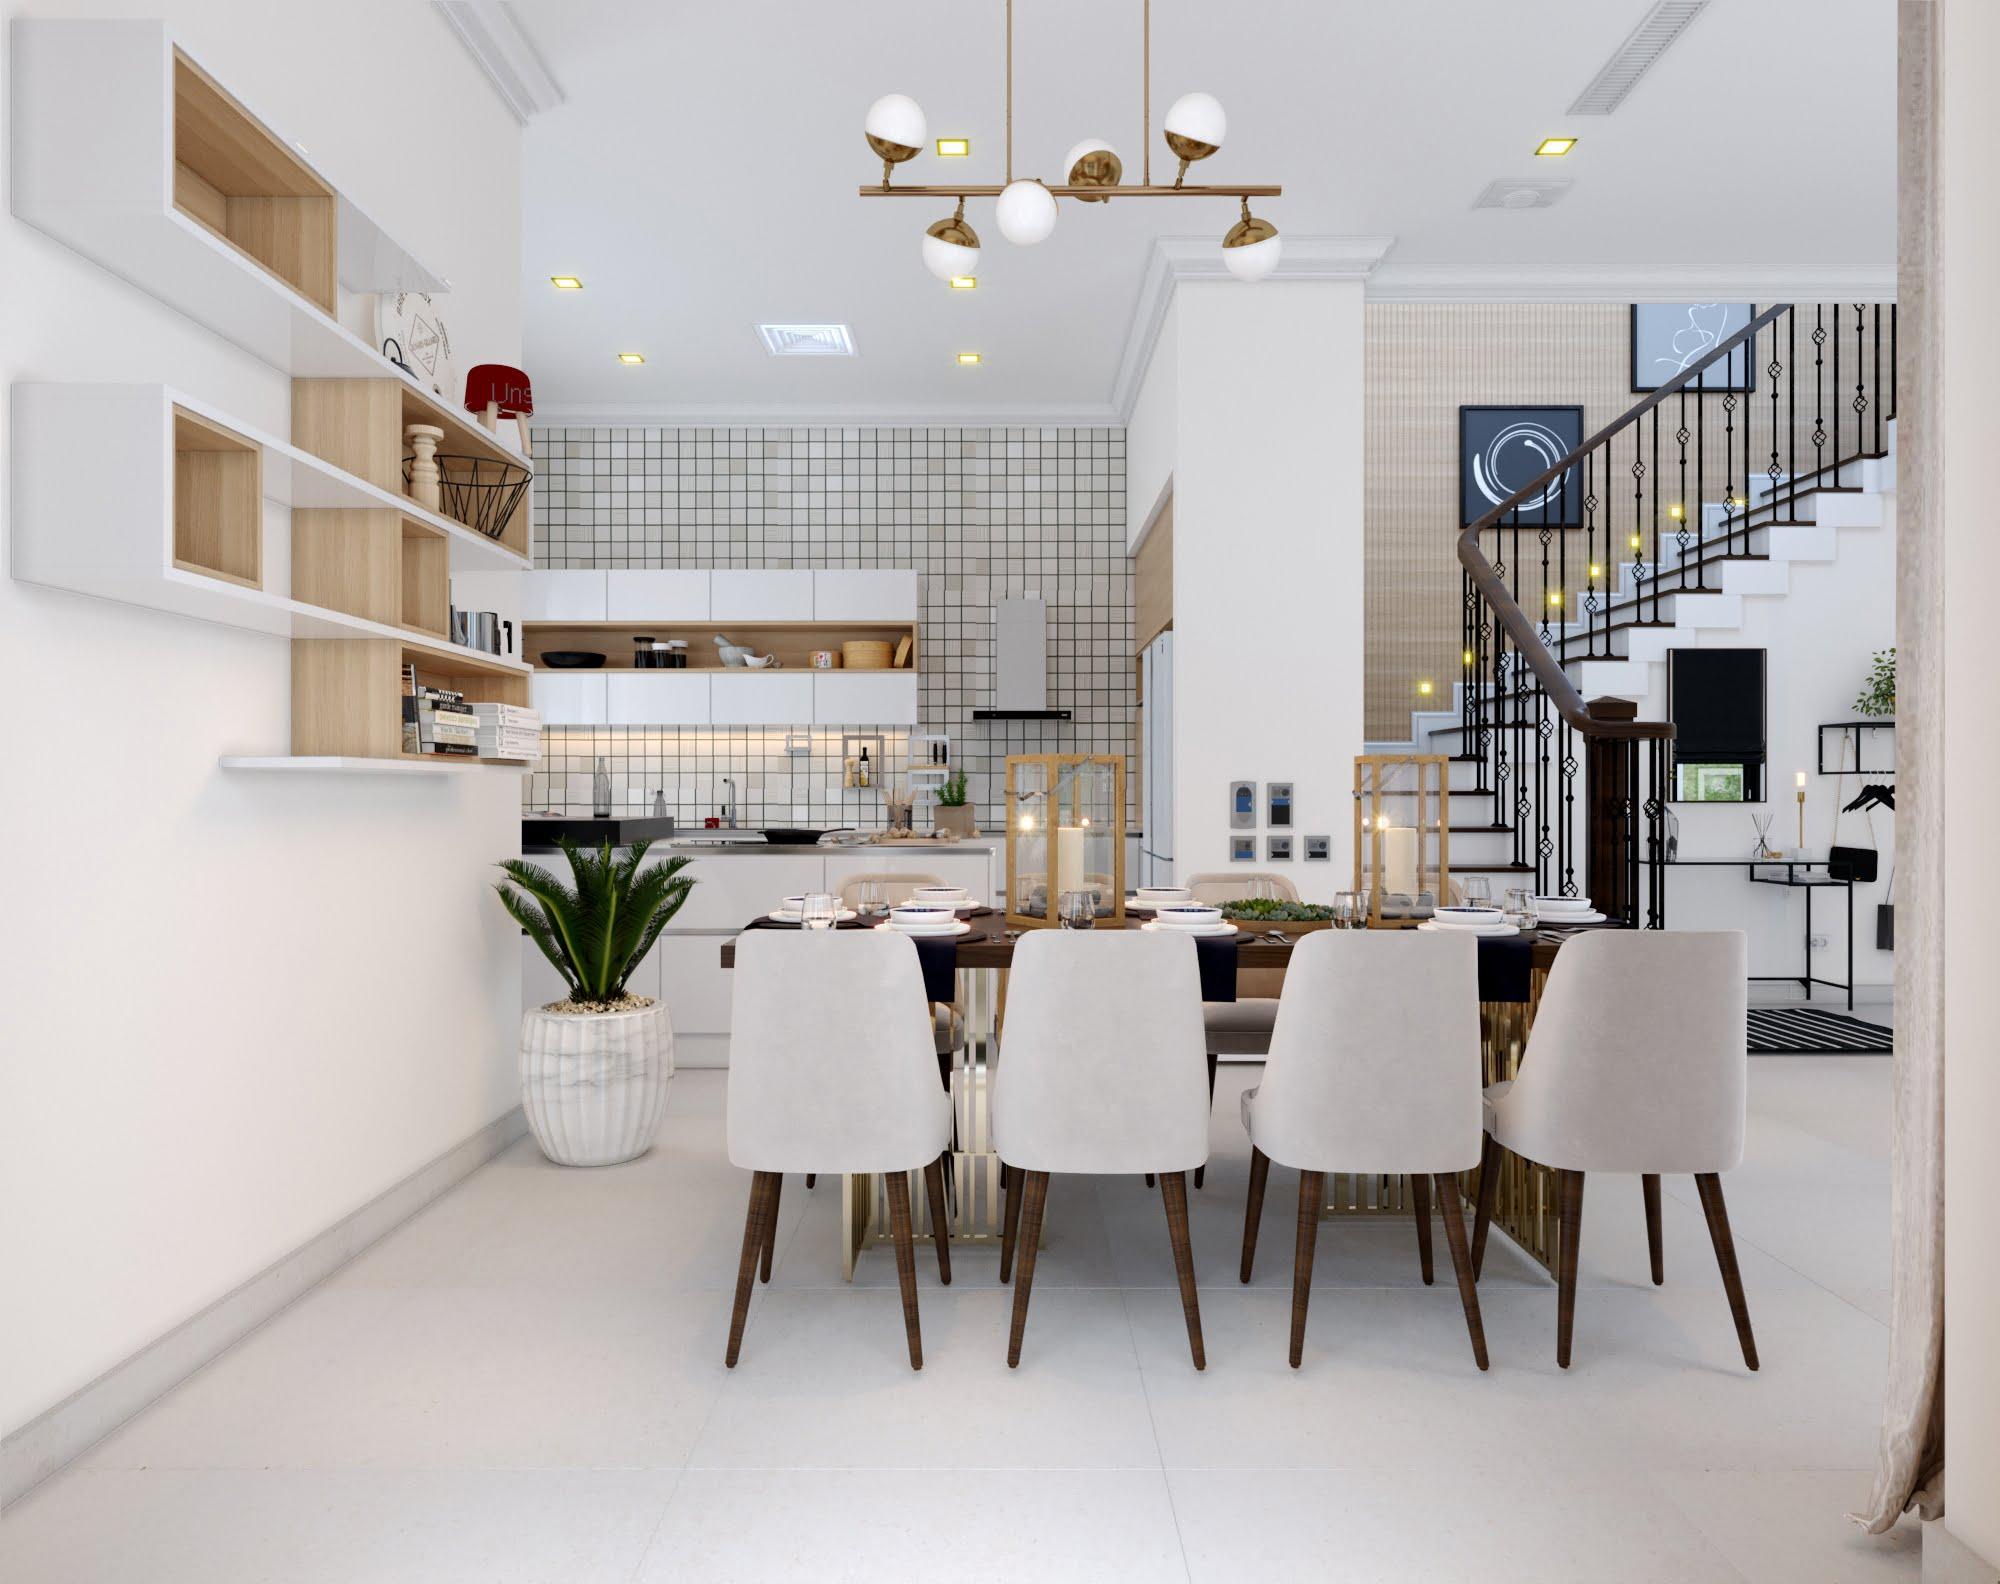 mẫu biệt thự mni 2 tầng hiện đại đẹp 9